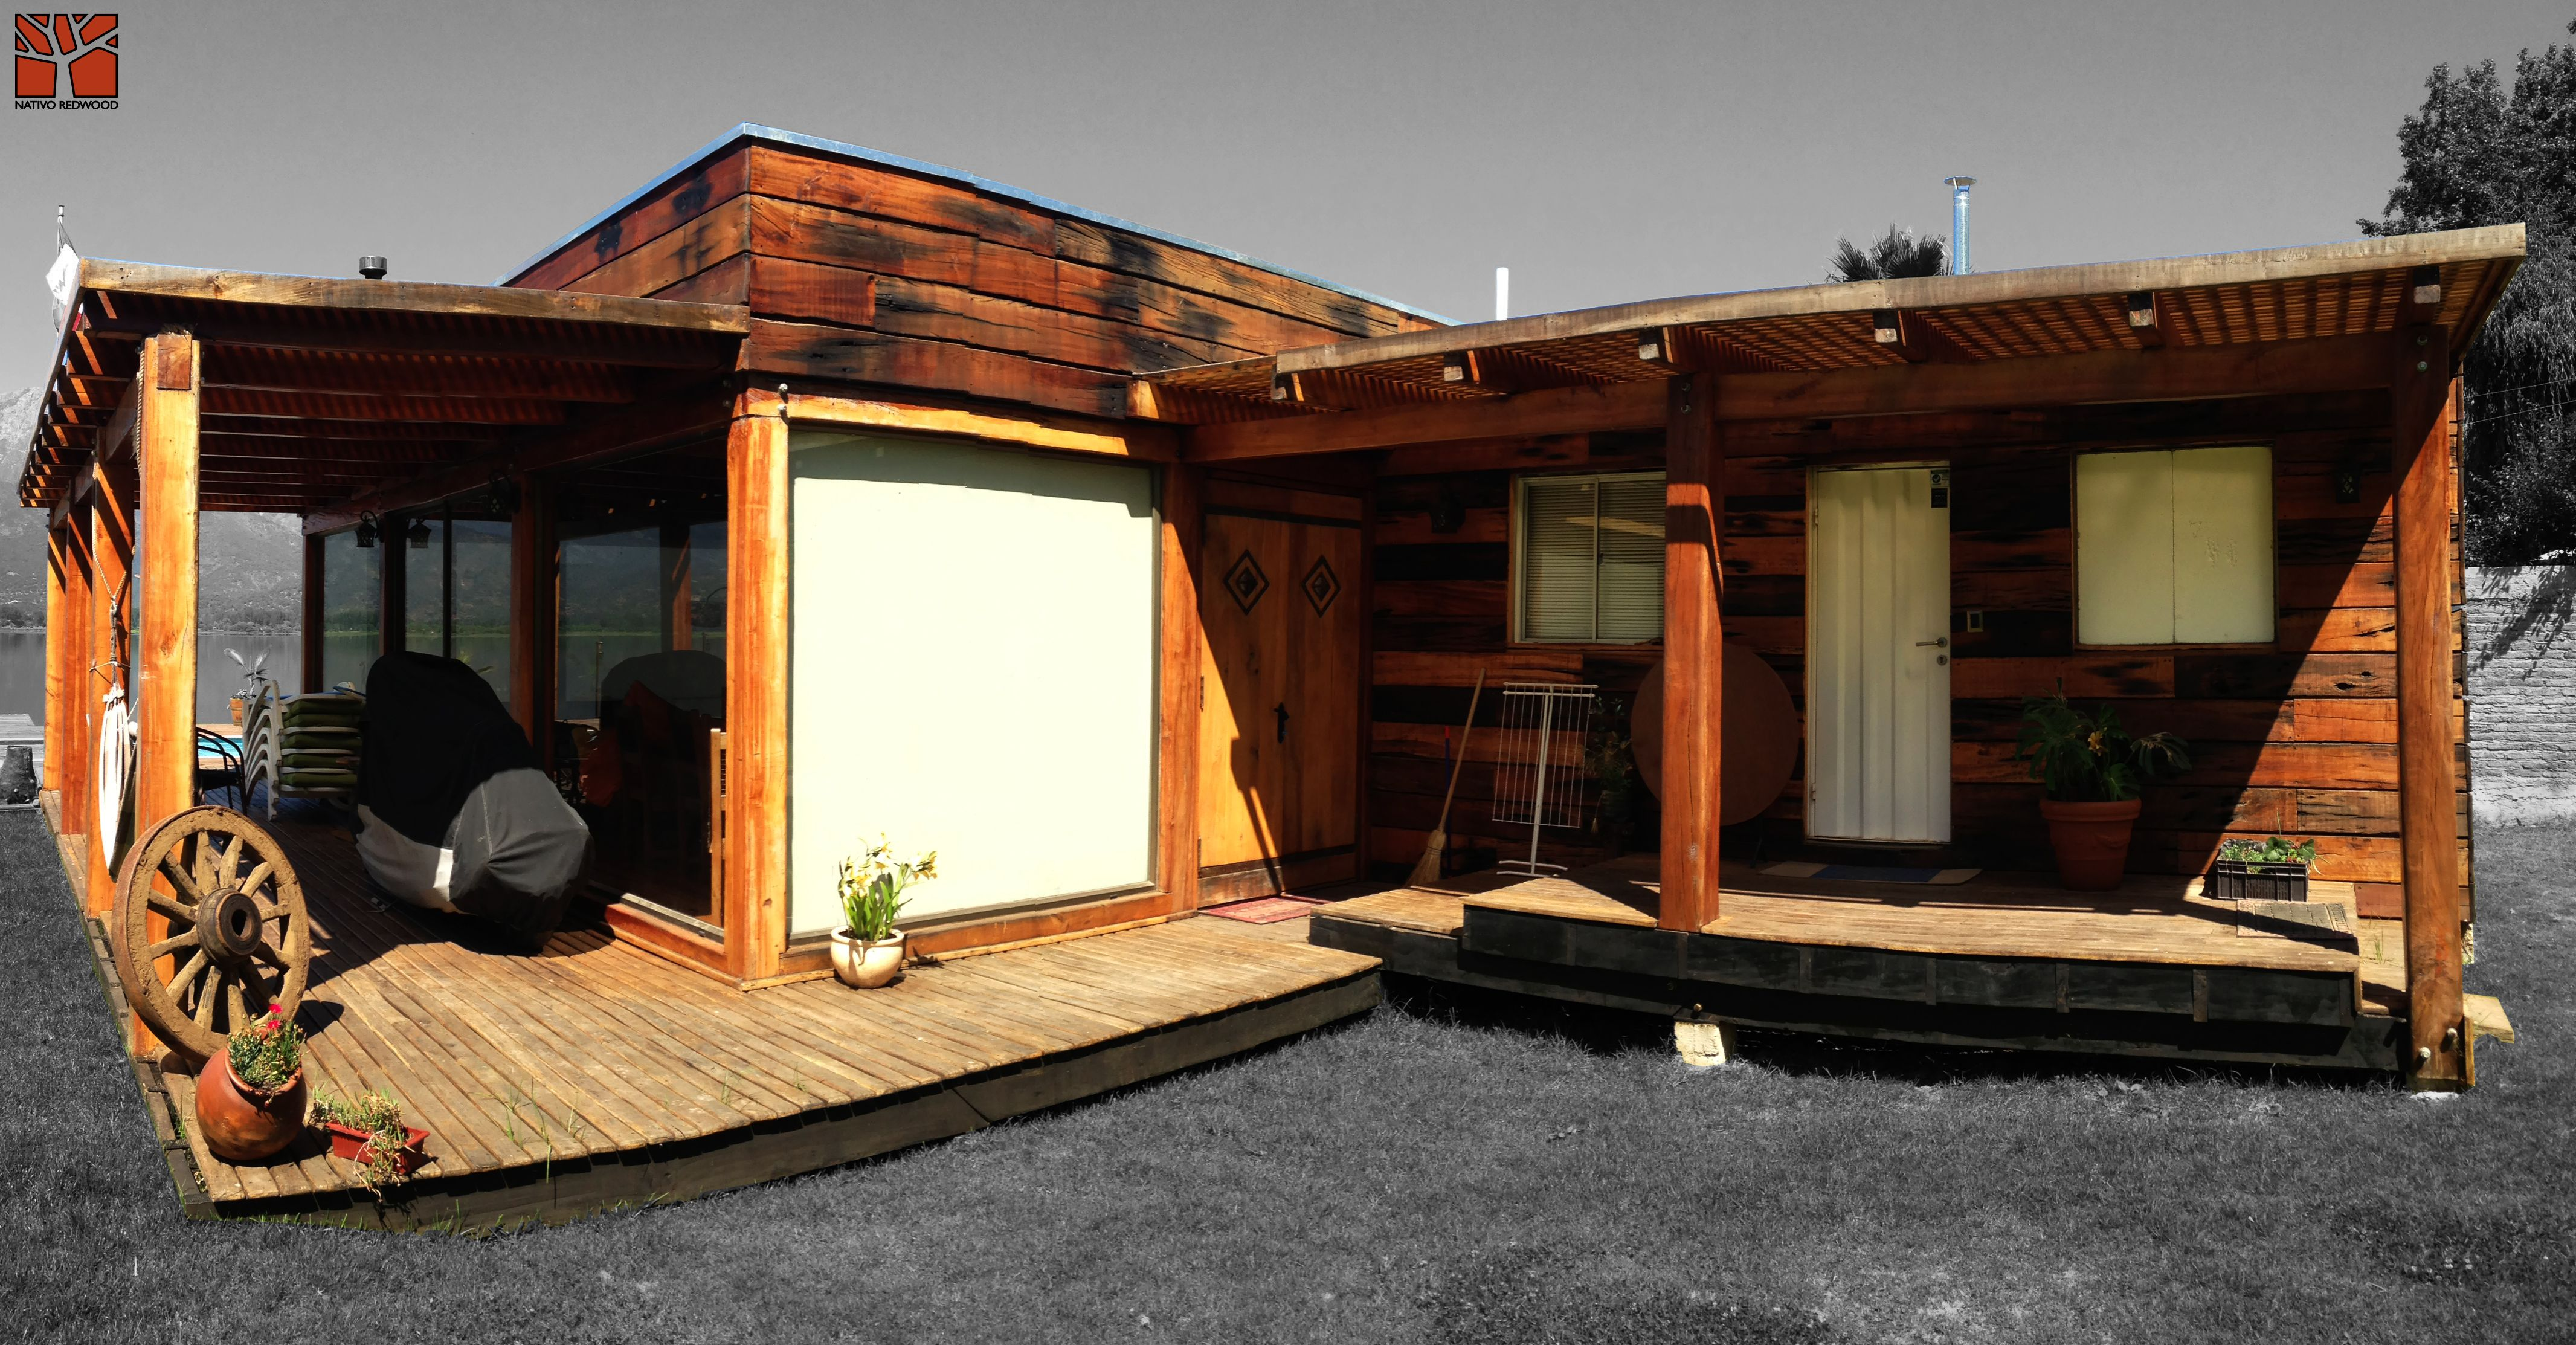 Nativo redwood terraza en casa en laguna aculeo - Casas con terrazas ...